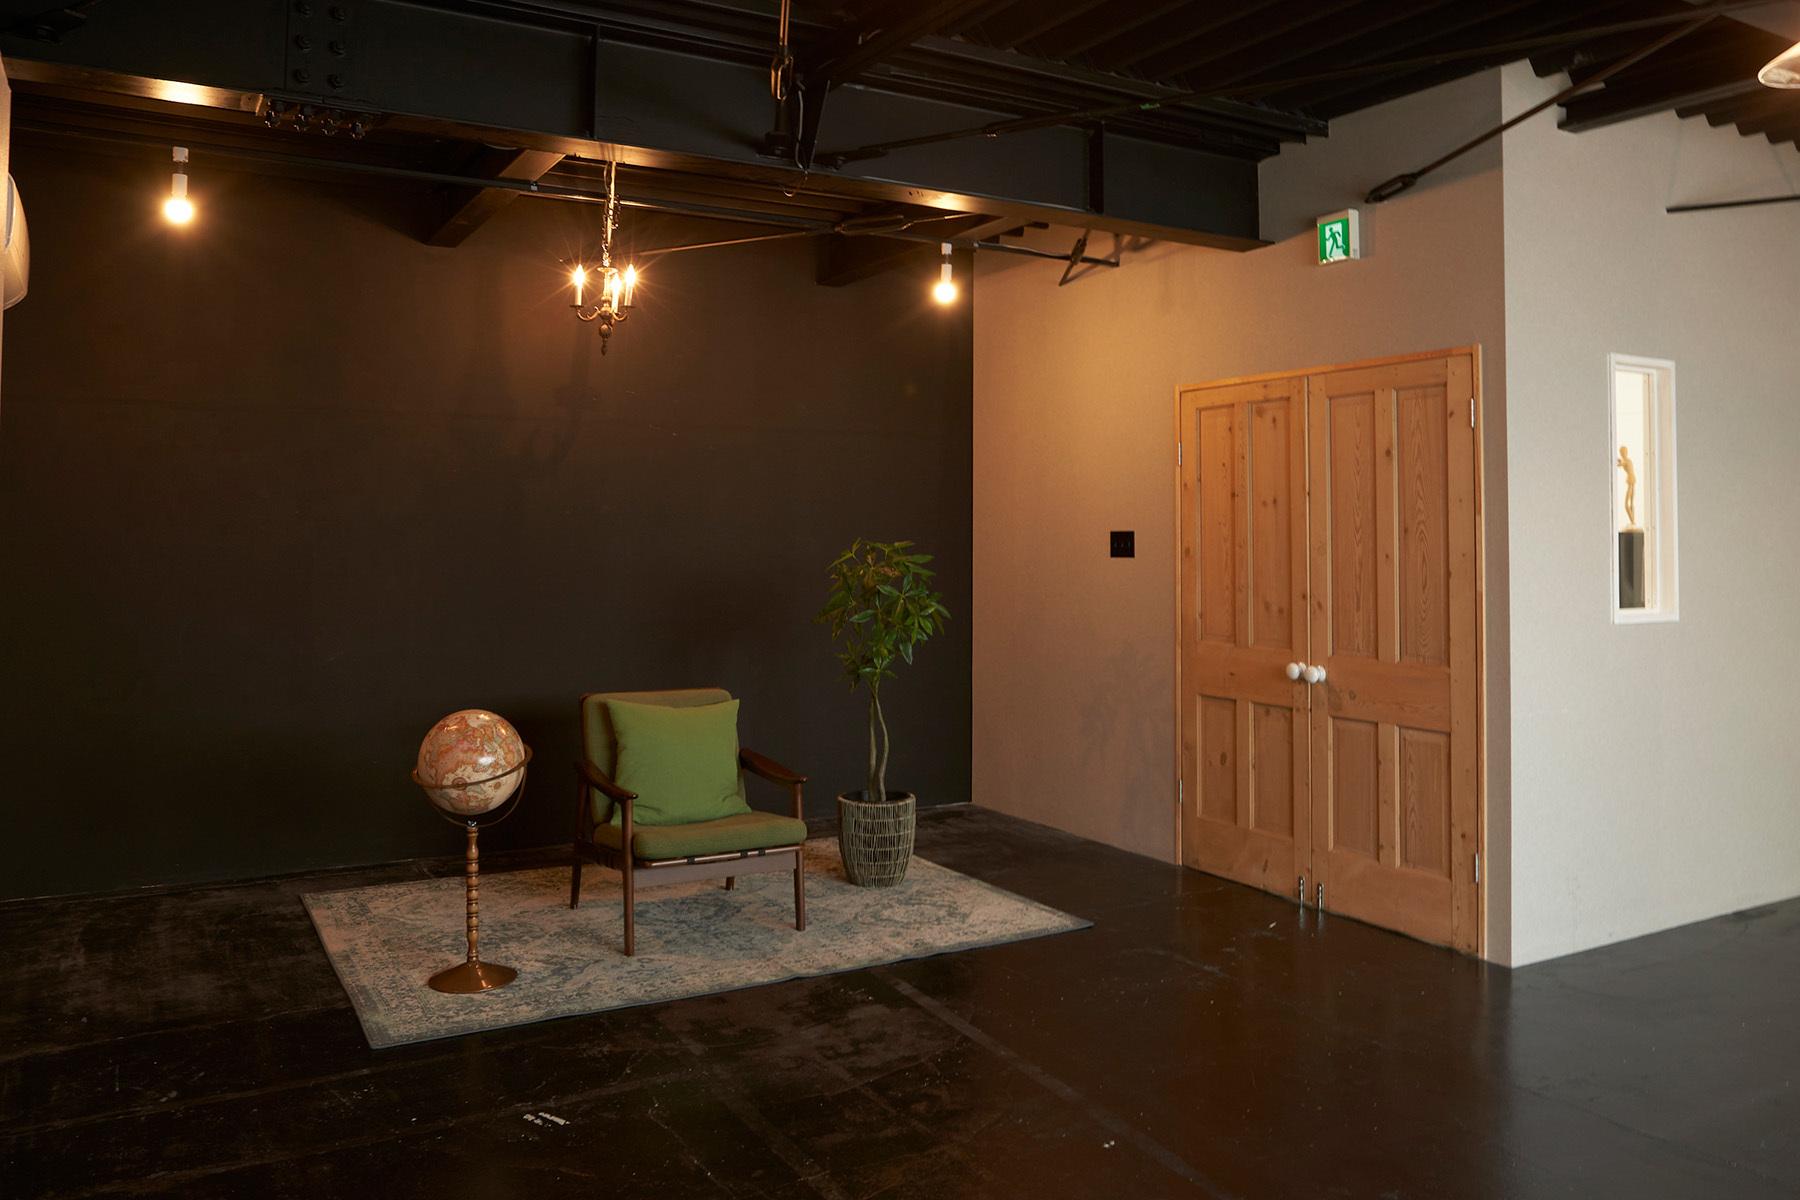 ACCA STUDIO (アッカスタジオ)2F/Bstマットブラックの壁